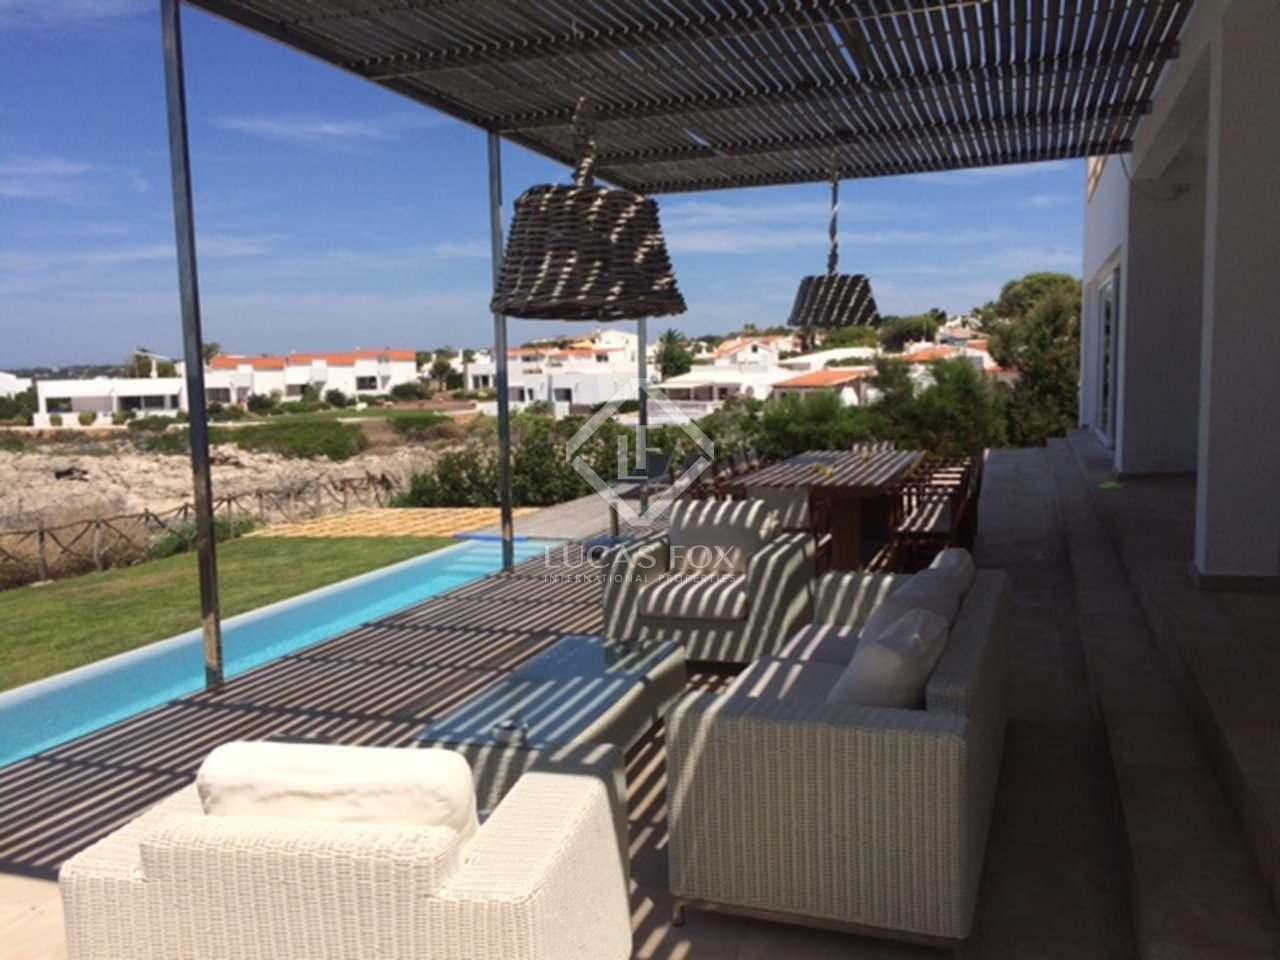 573m haus villa zum verkauf in menorca spanien. Black Bedroom Furniture Sets. Home Design Ideas